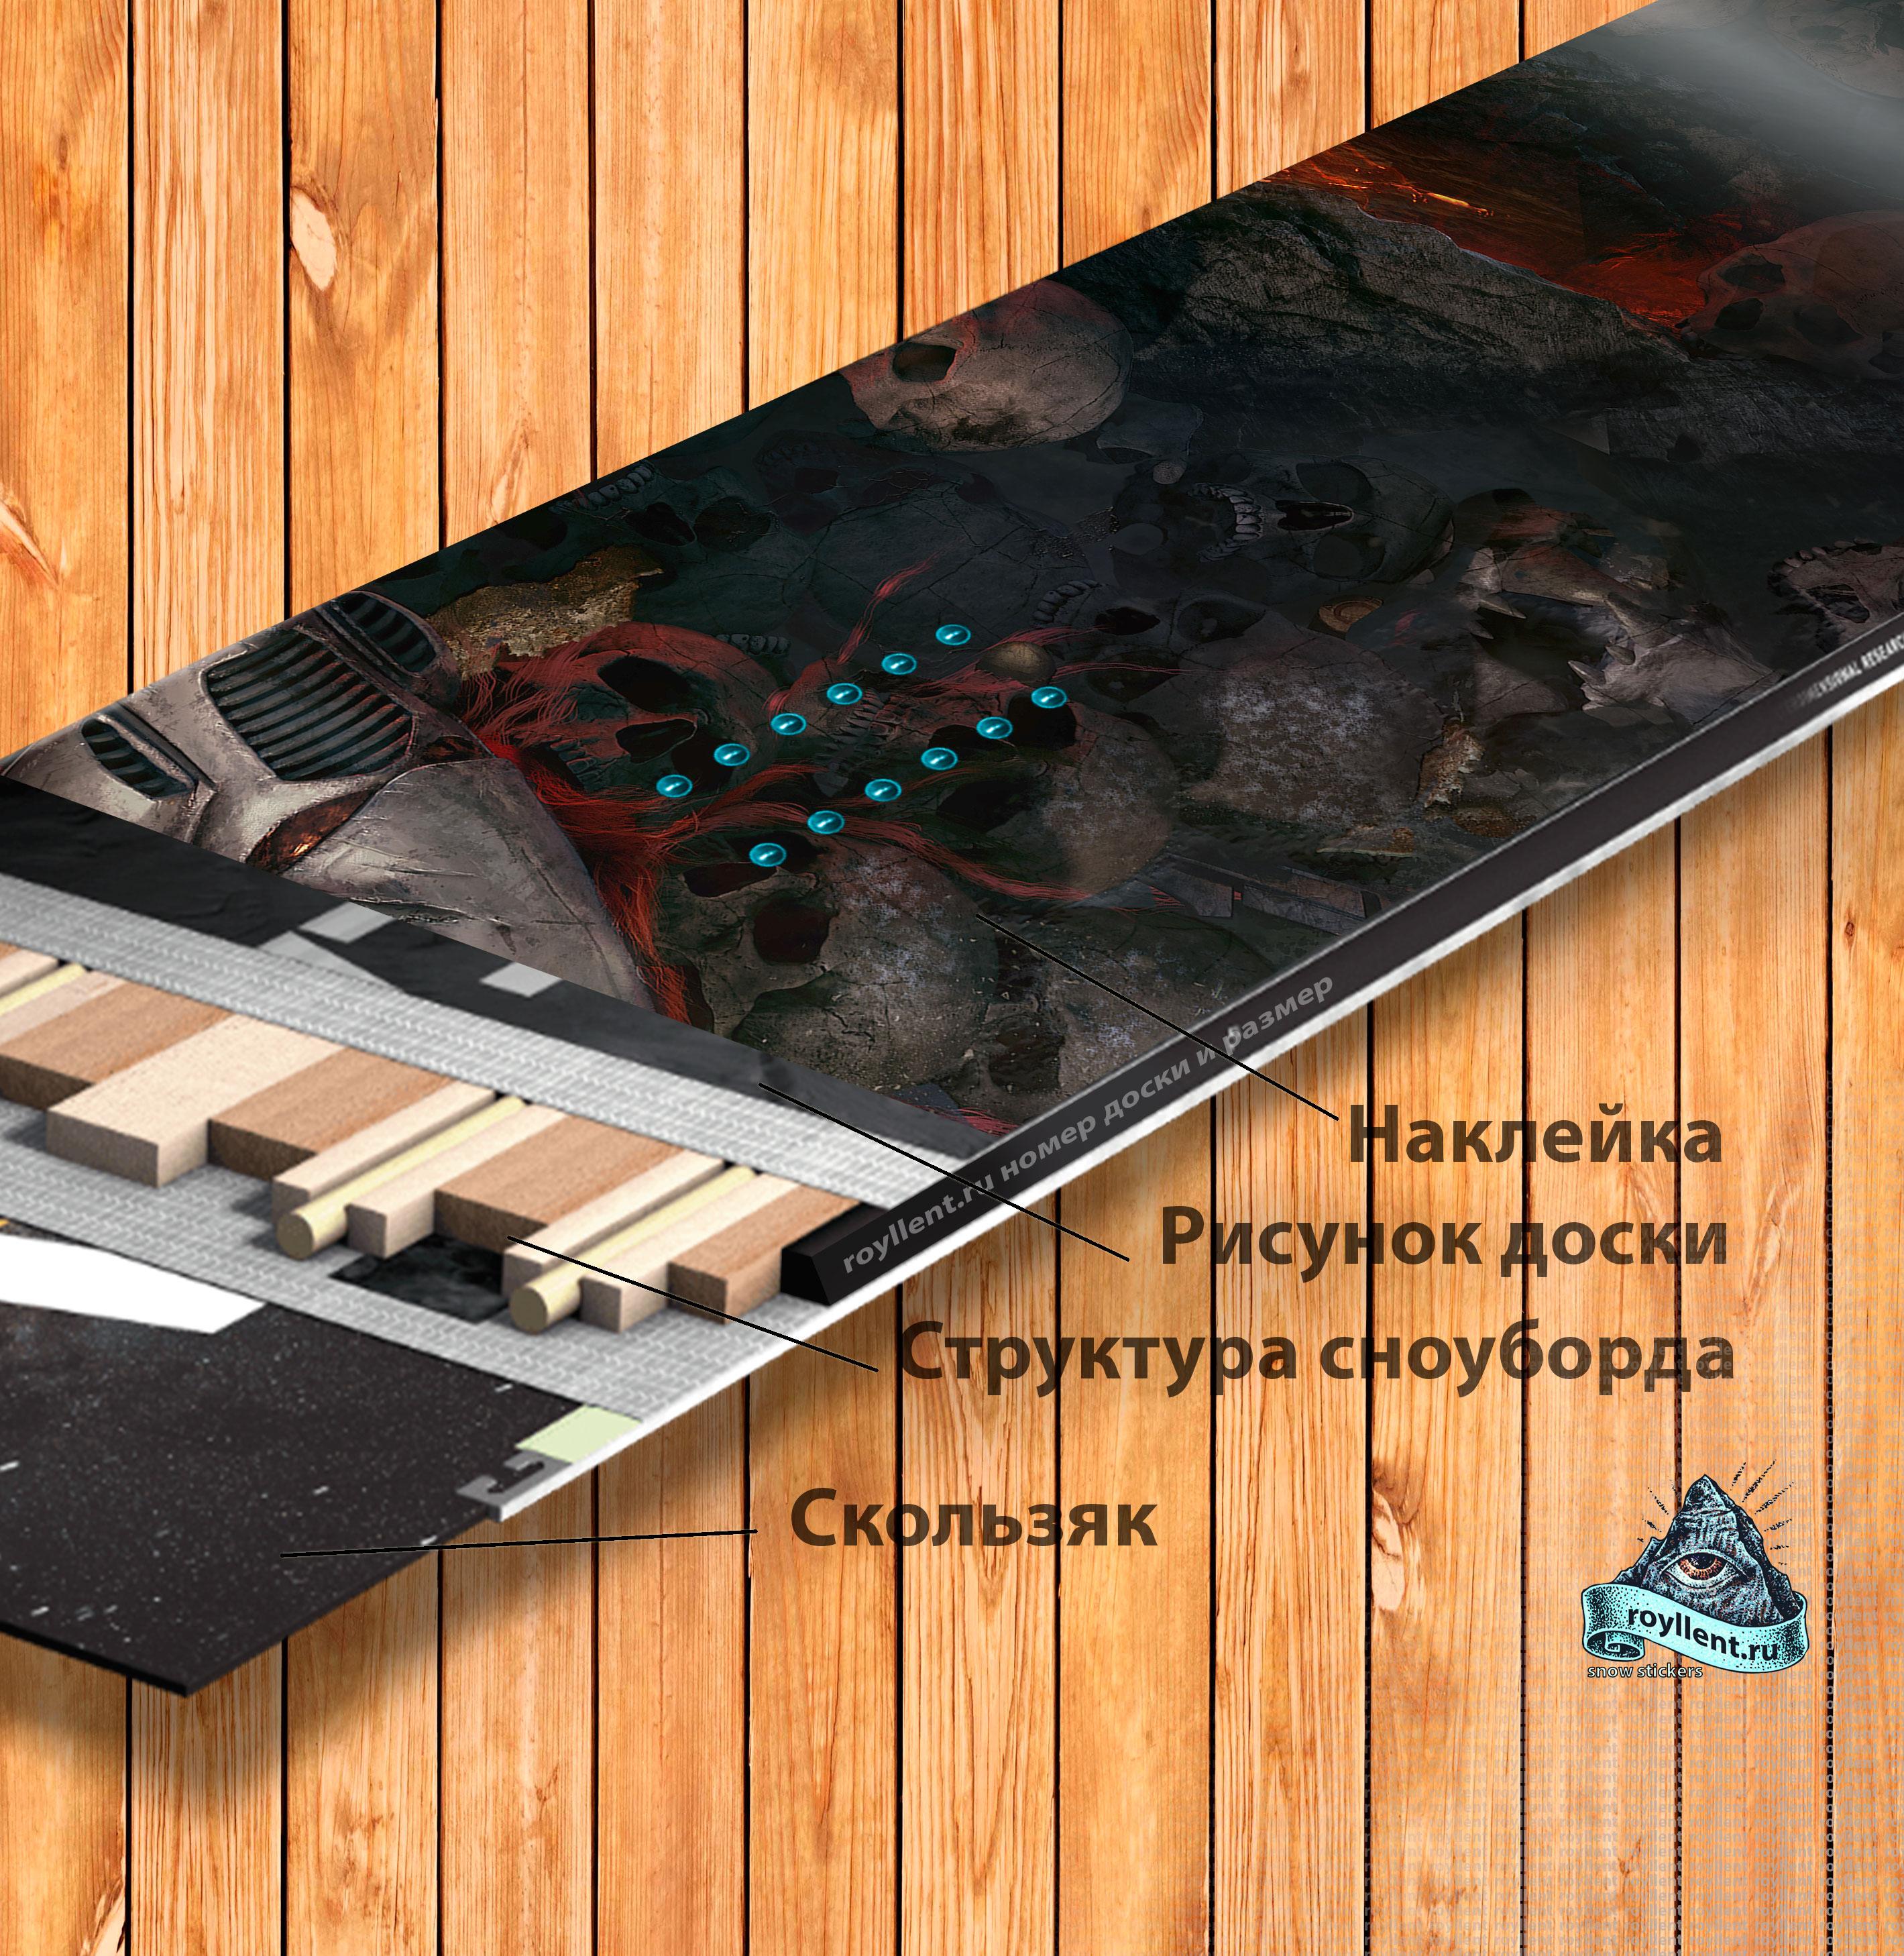 Купить сноуборд наклейку в интернет магазине с доставкой на тему компьютерной игры Warhammer 40,000